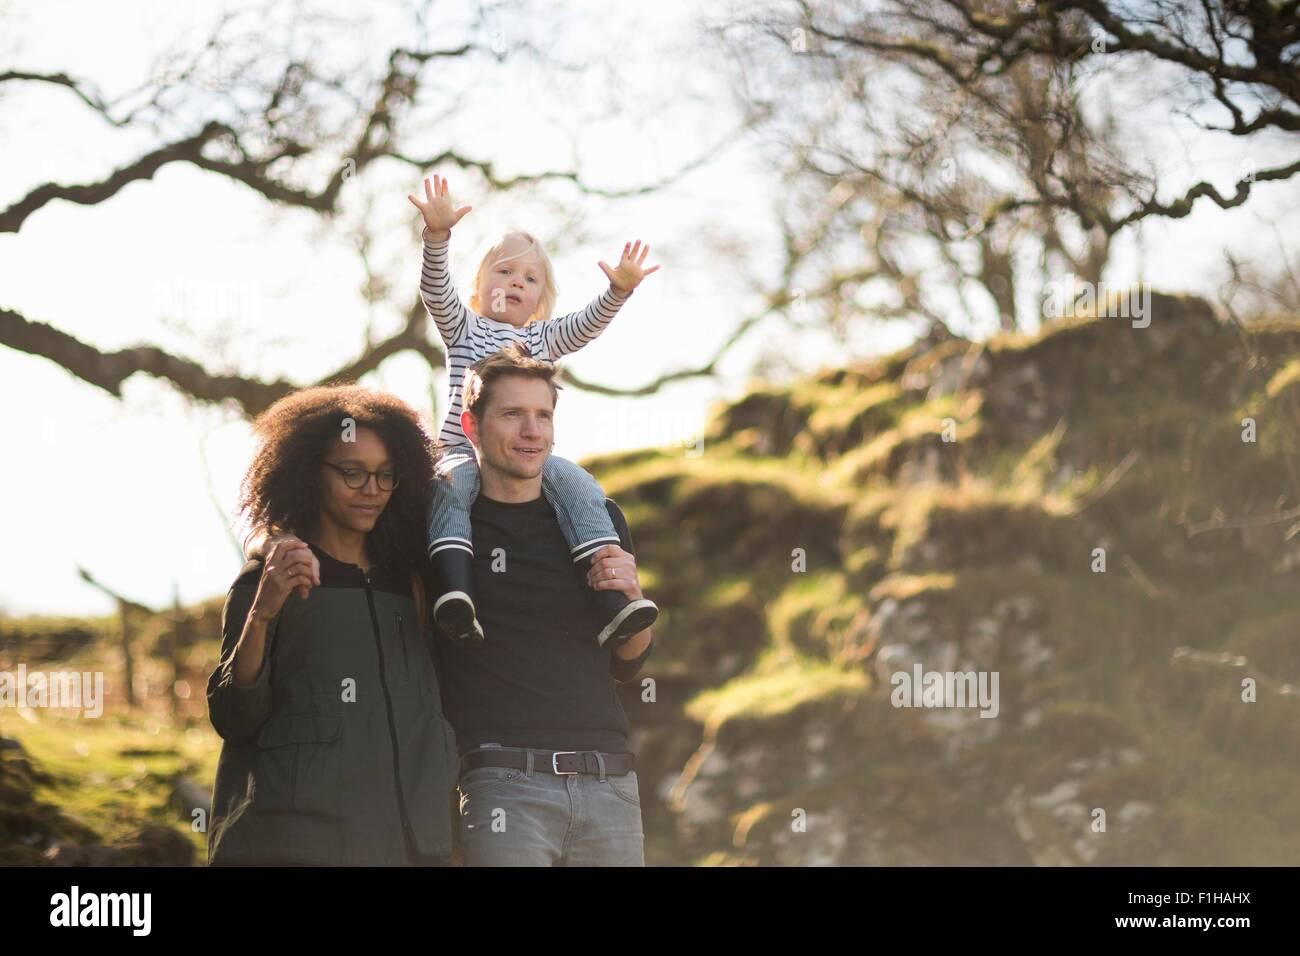 Famiglia sulla passeggiata, padre figlio che porta sulle spalle Immagini Stock